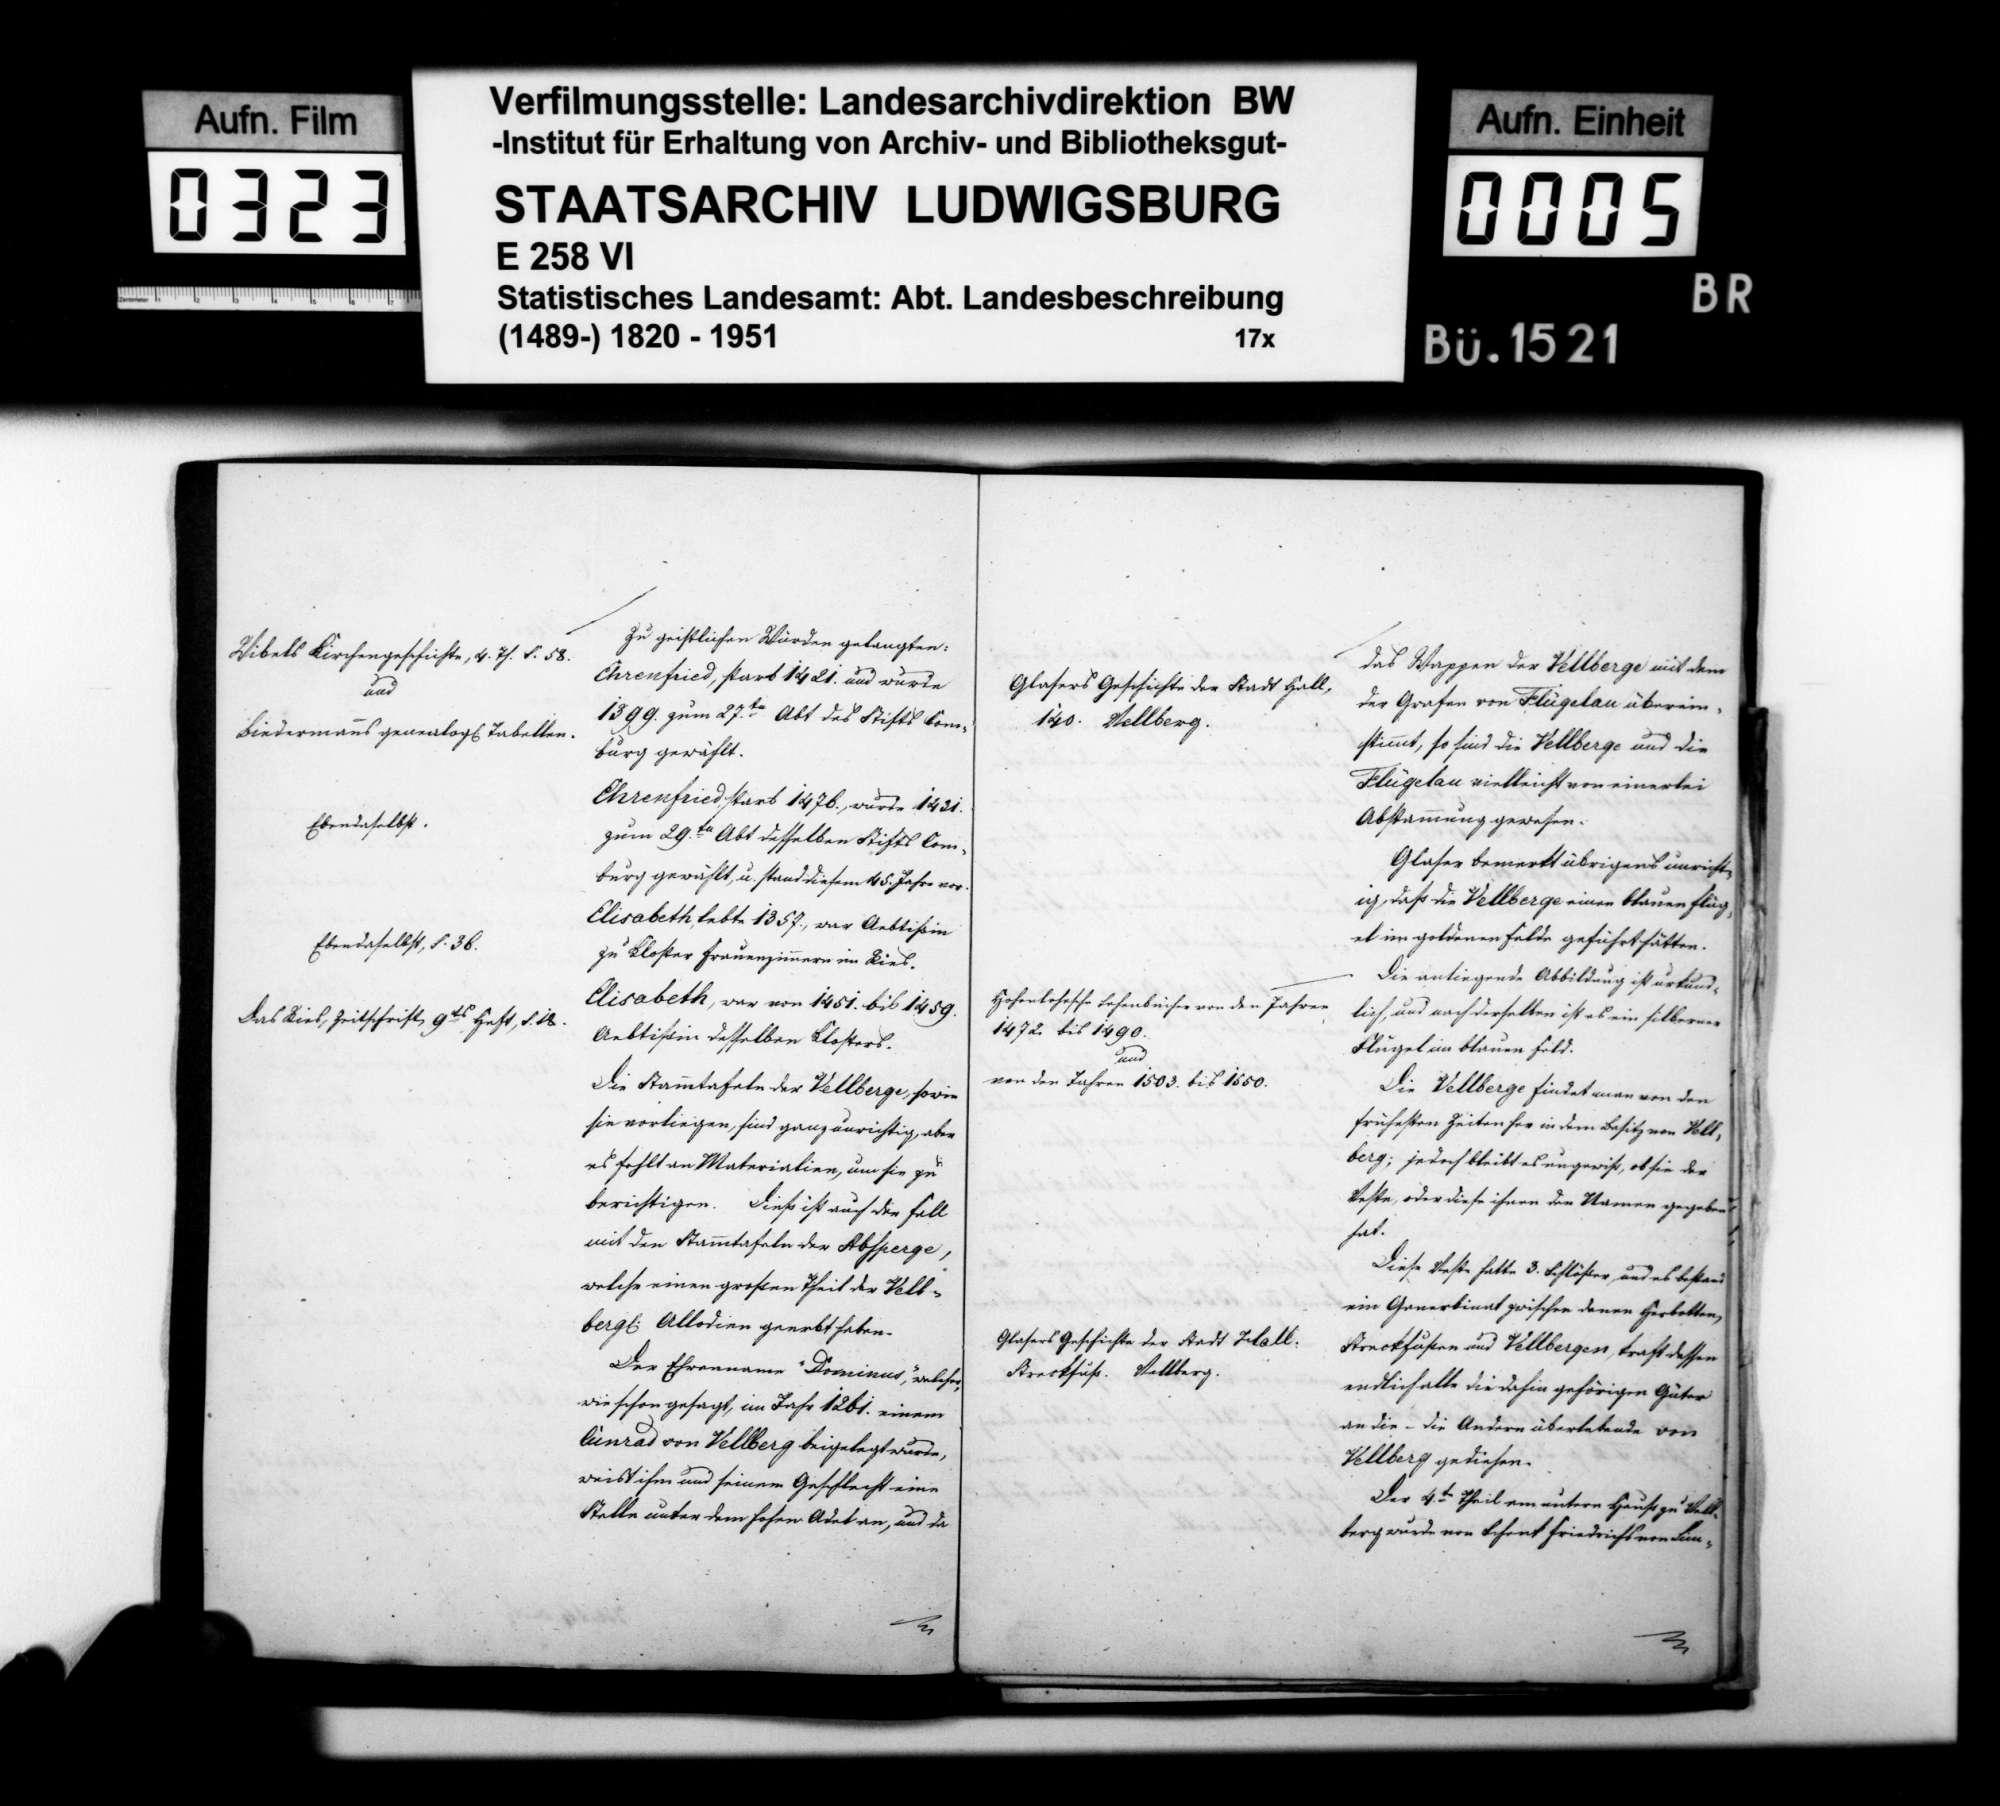 Historiographische Abhandlung des [Hofrats] Hammer aus Kirchberg über das Geschlecht und den Besitz der Herren von Vellberg, v.a. in und um Leofels, Bild 3